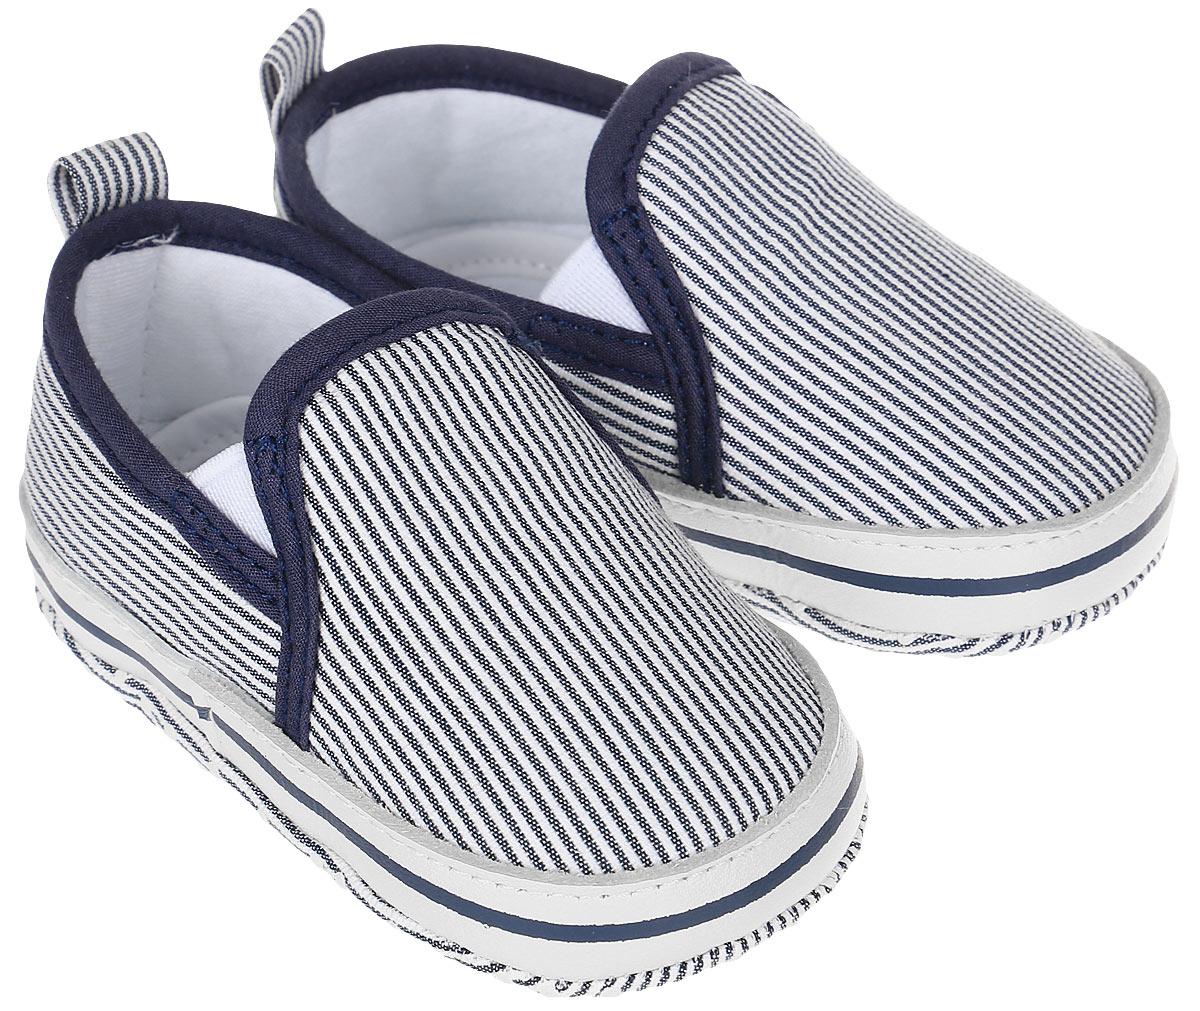 Пинетки для мальчика Kapika, цвет: синий, белый. 10130. Размер 18 пинетки детские капика цвет серый 10126 размер 18